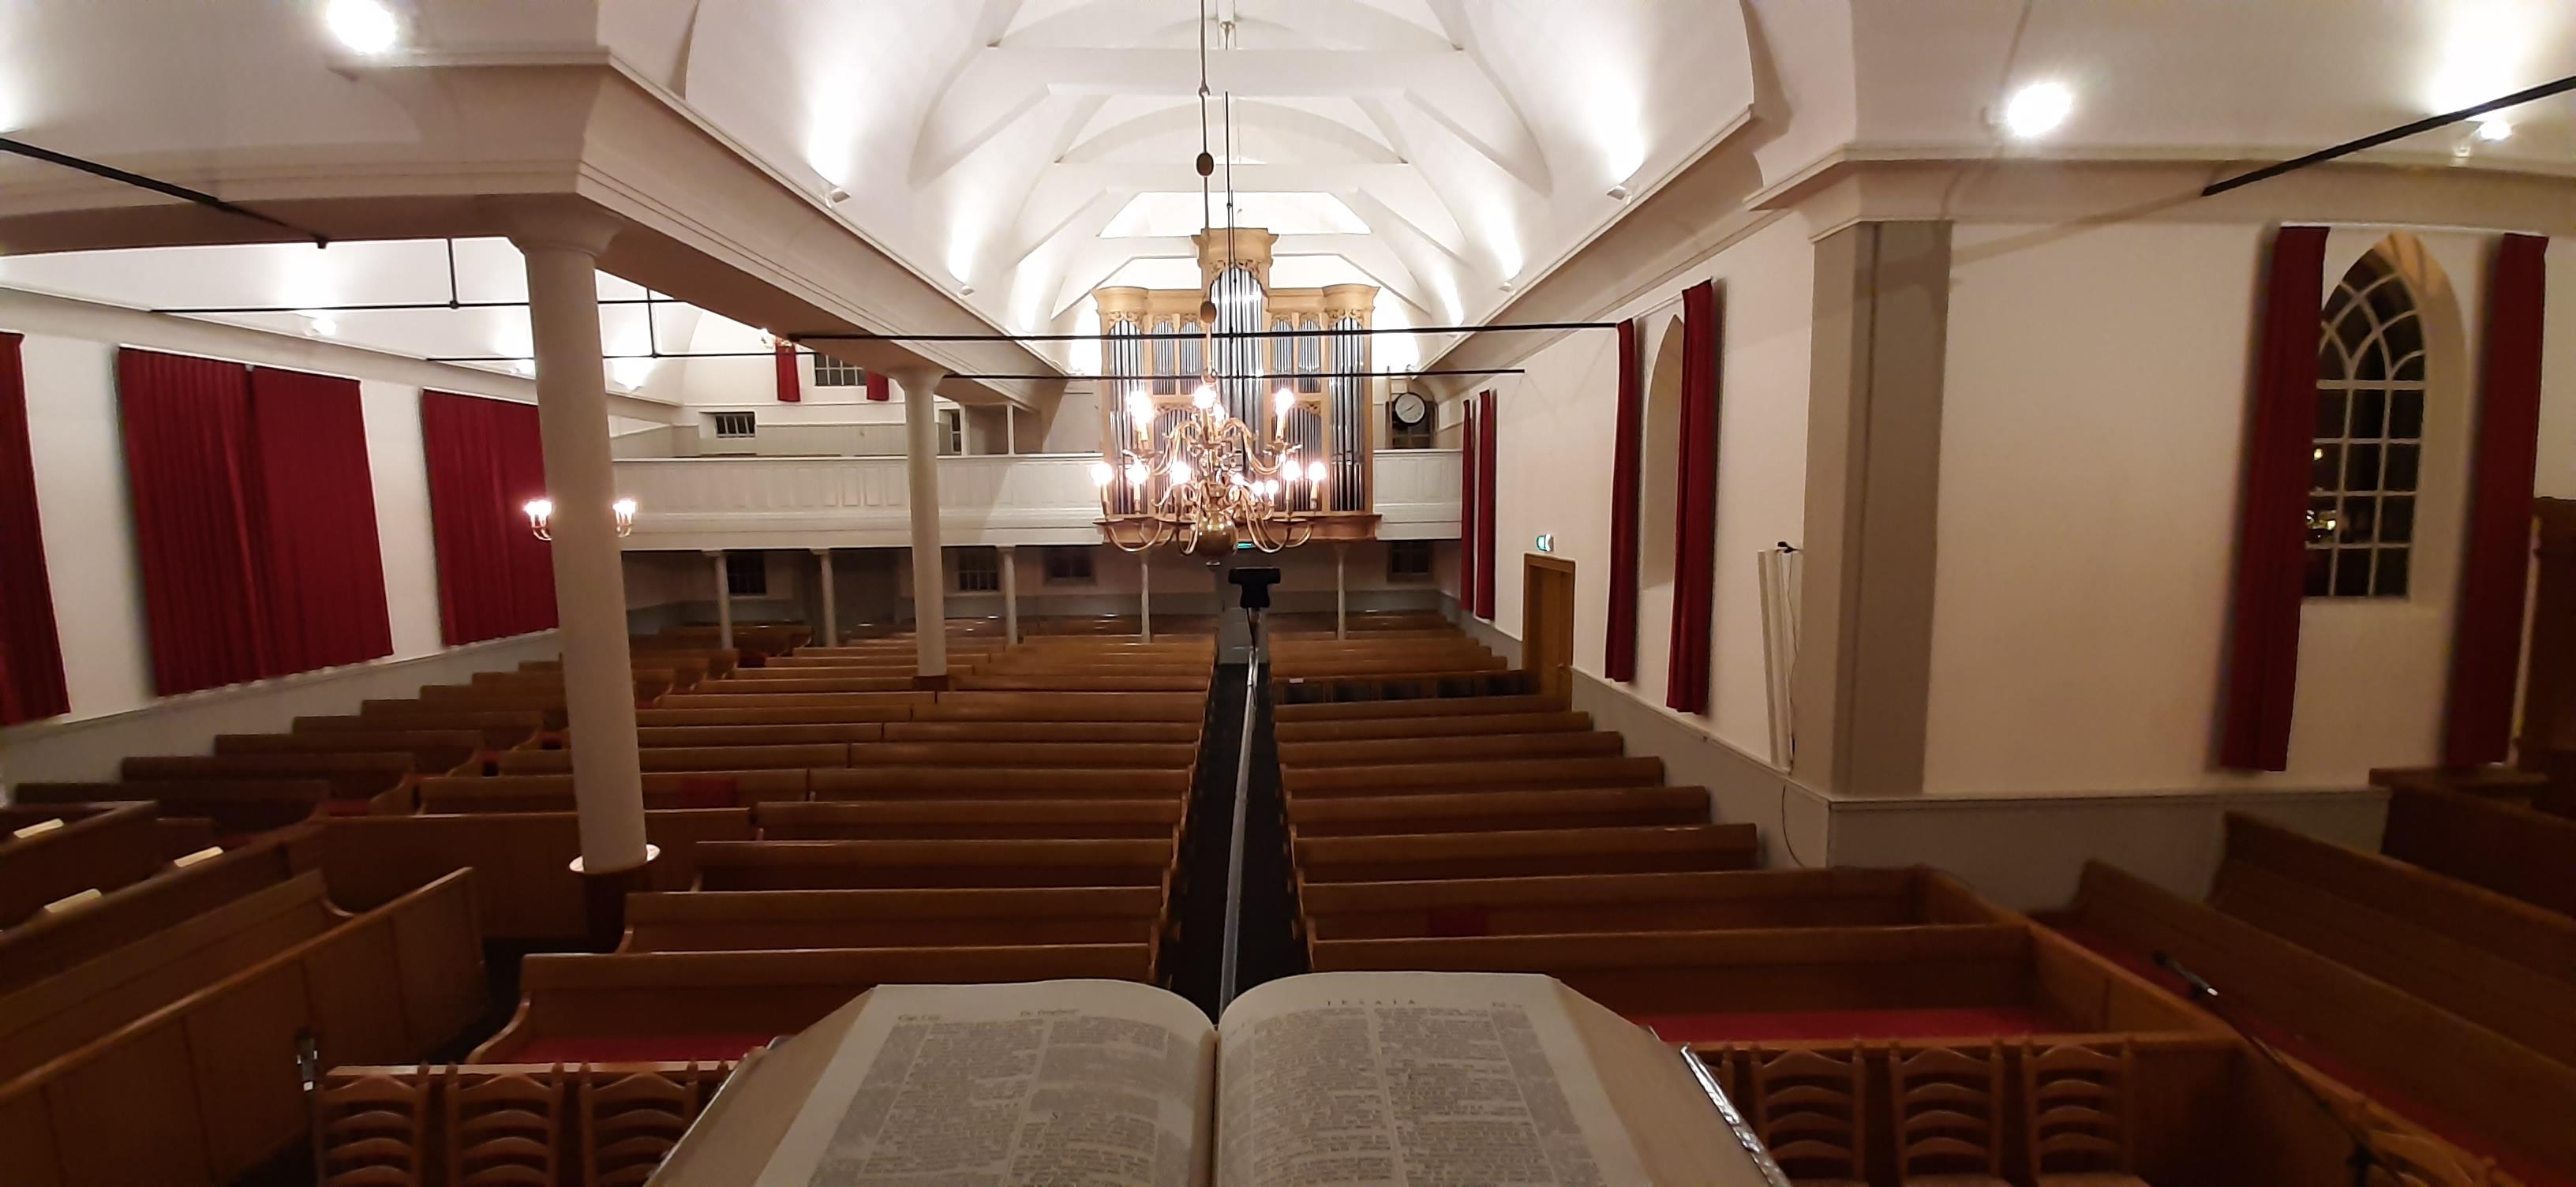 Over onze kerkdiensten